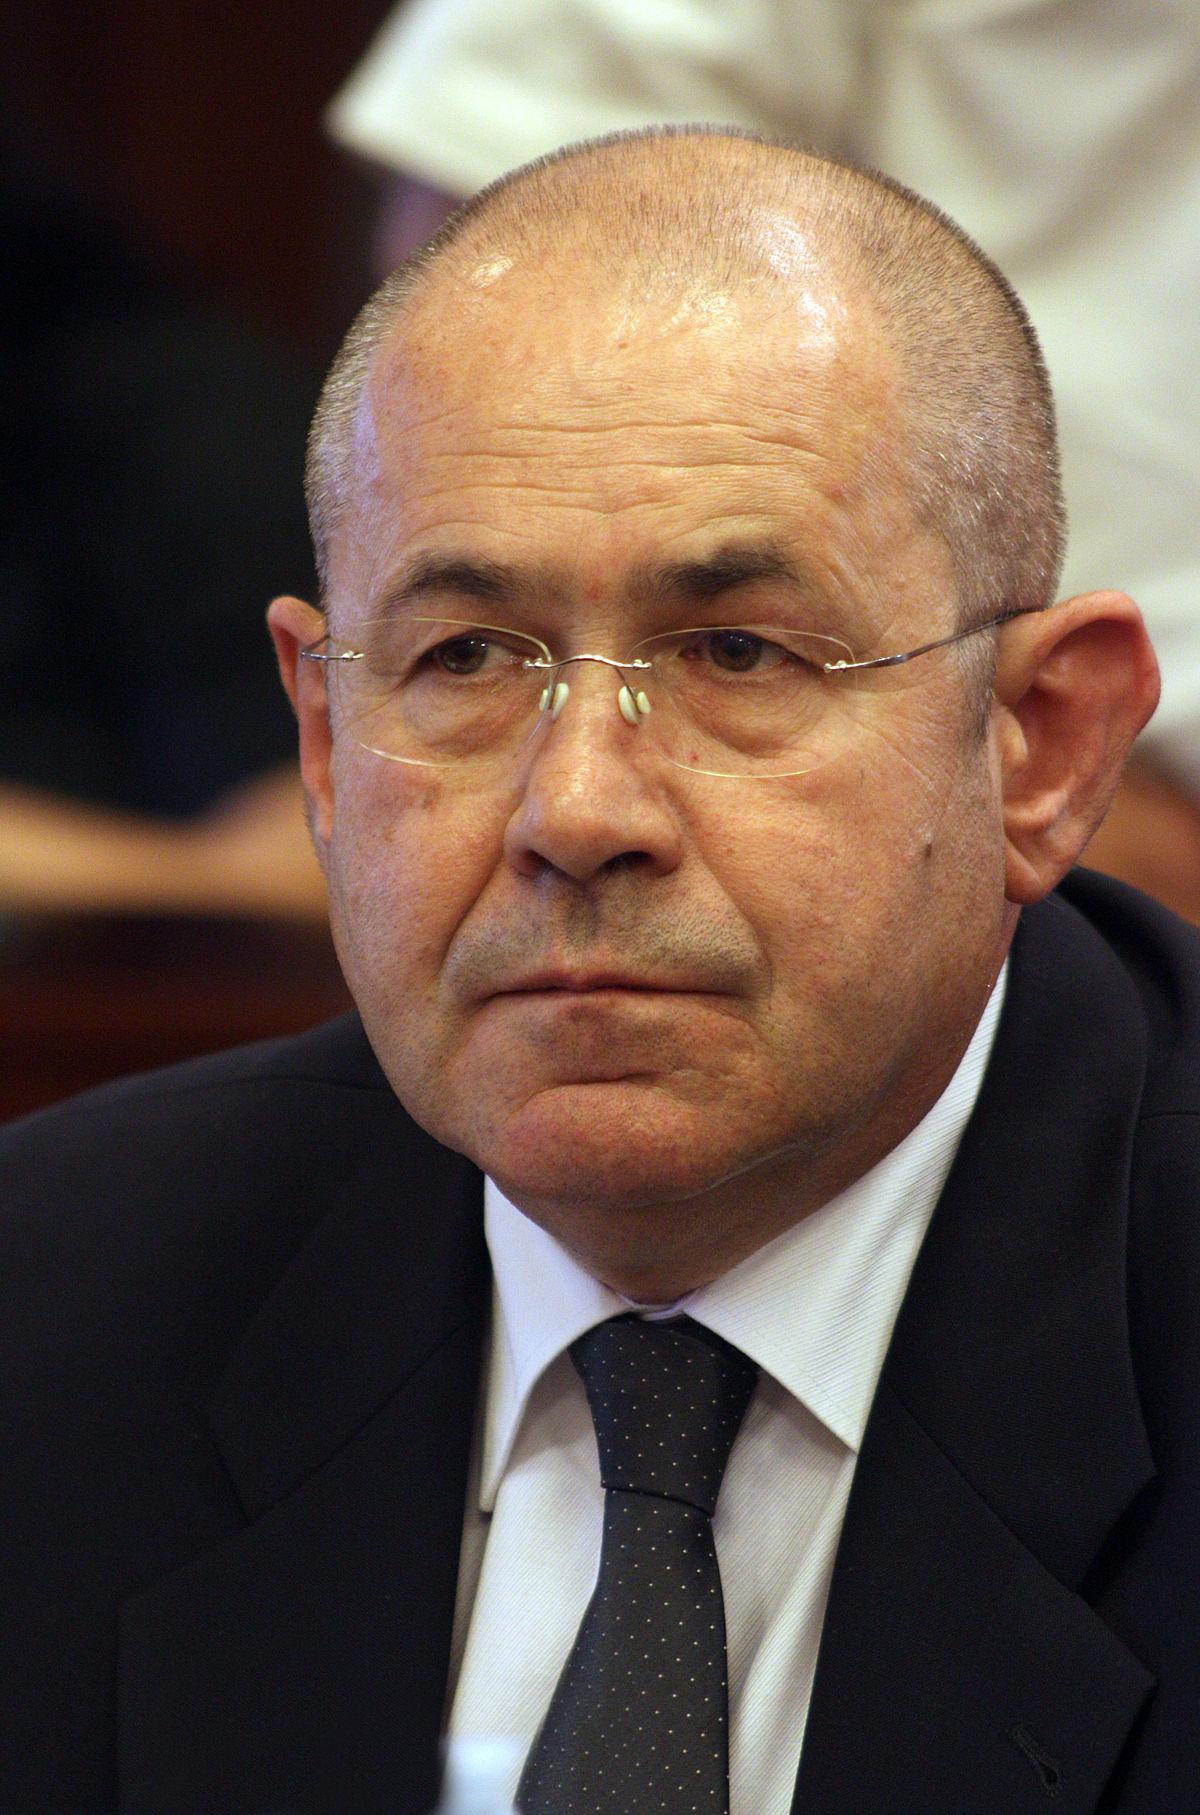 István Pásztor (politician) - Wikipedia